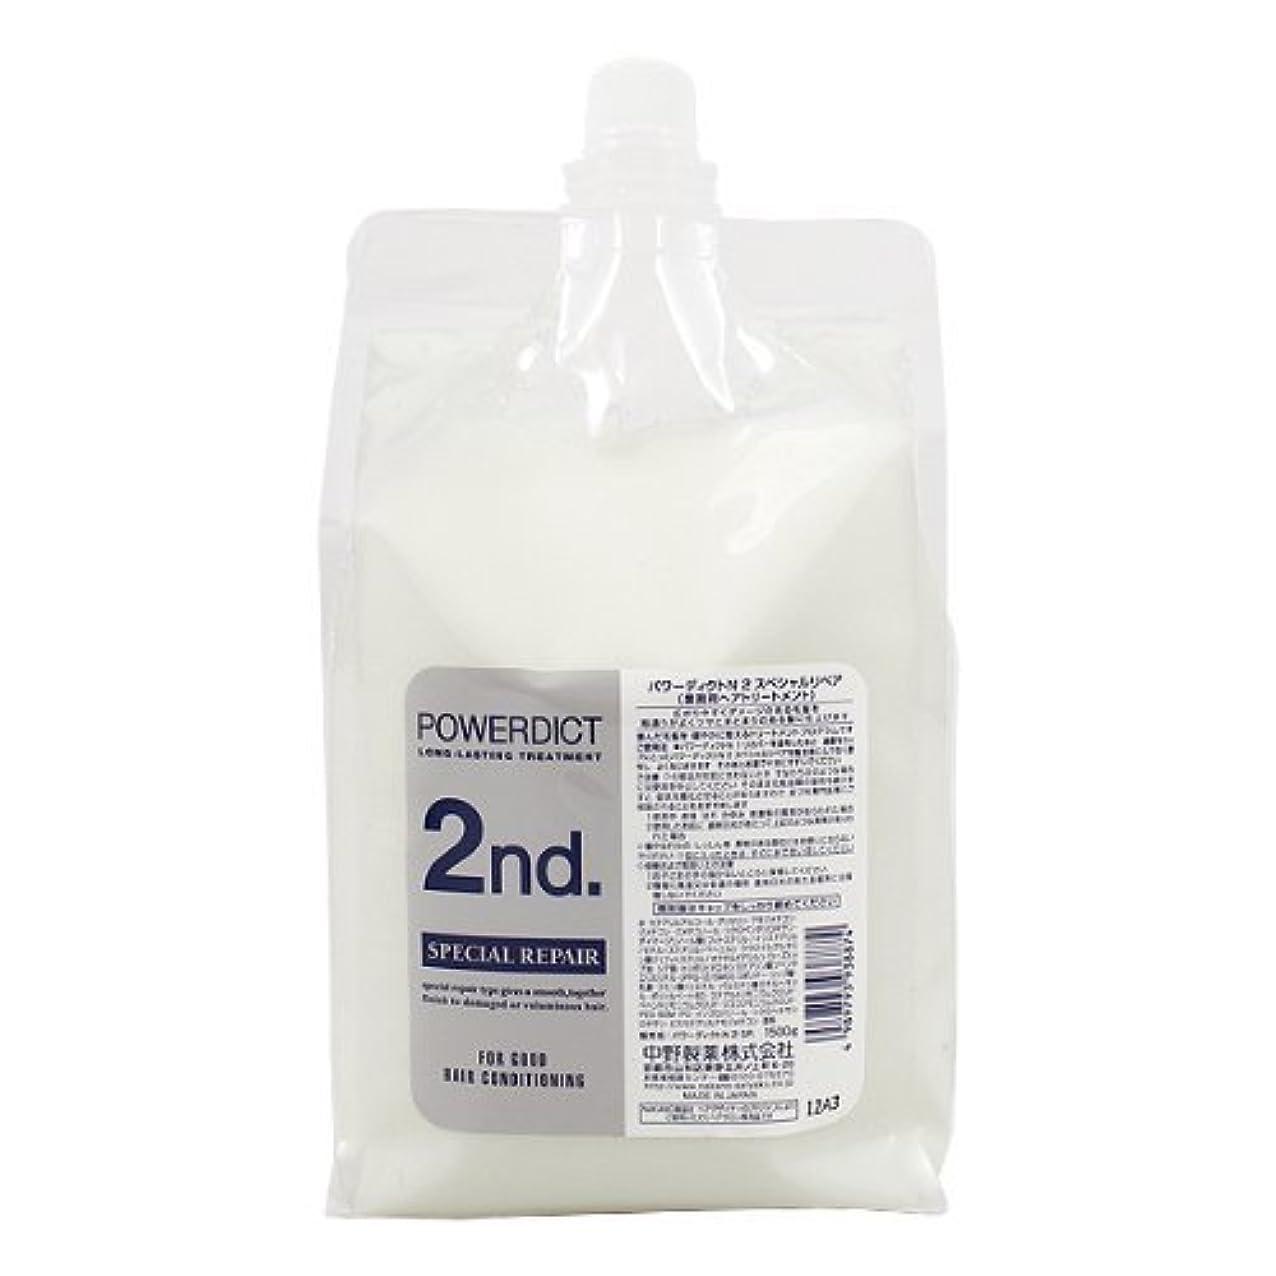 コンドームプレート起こる中野製薬 パワーディクトN 2 スペシャルリペア 1500g